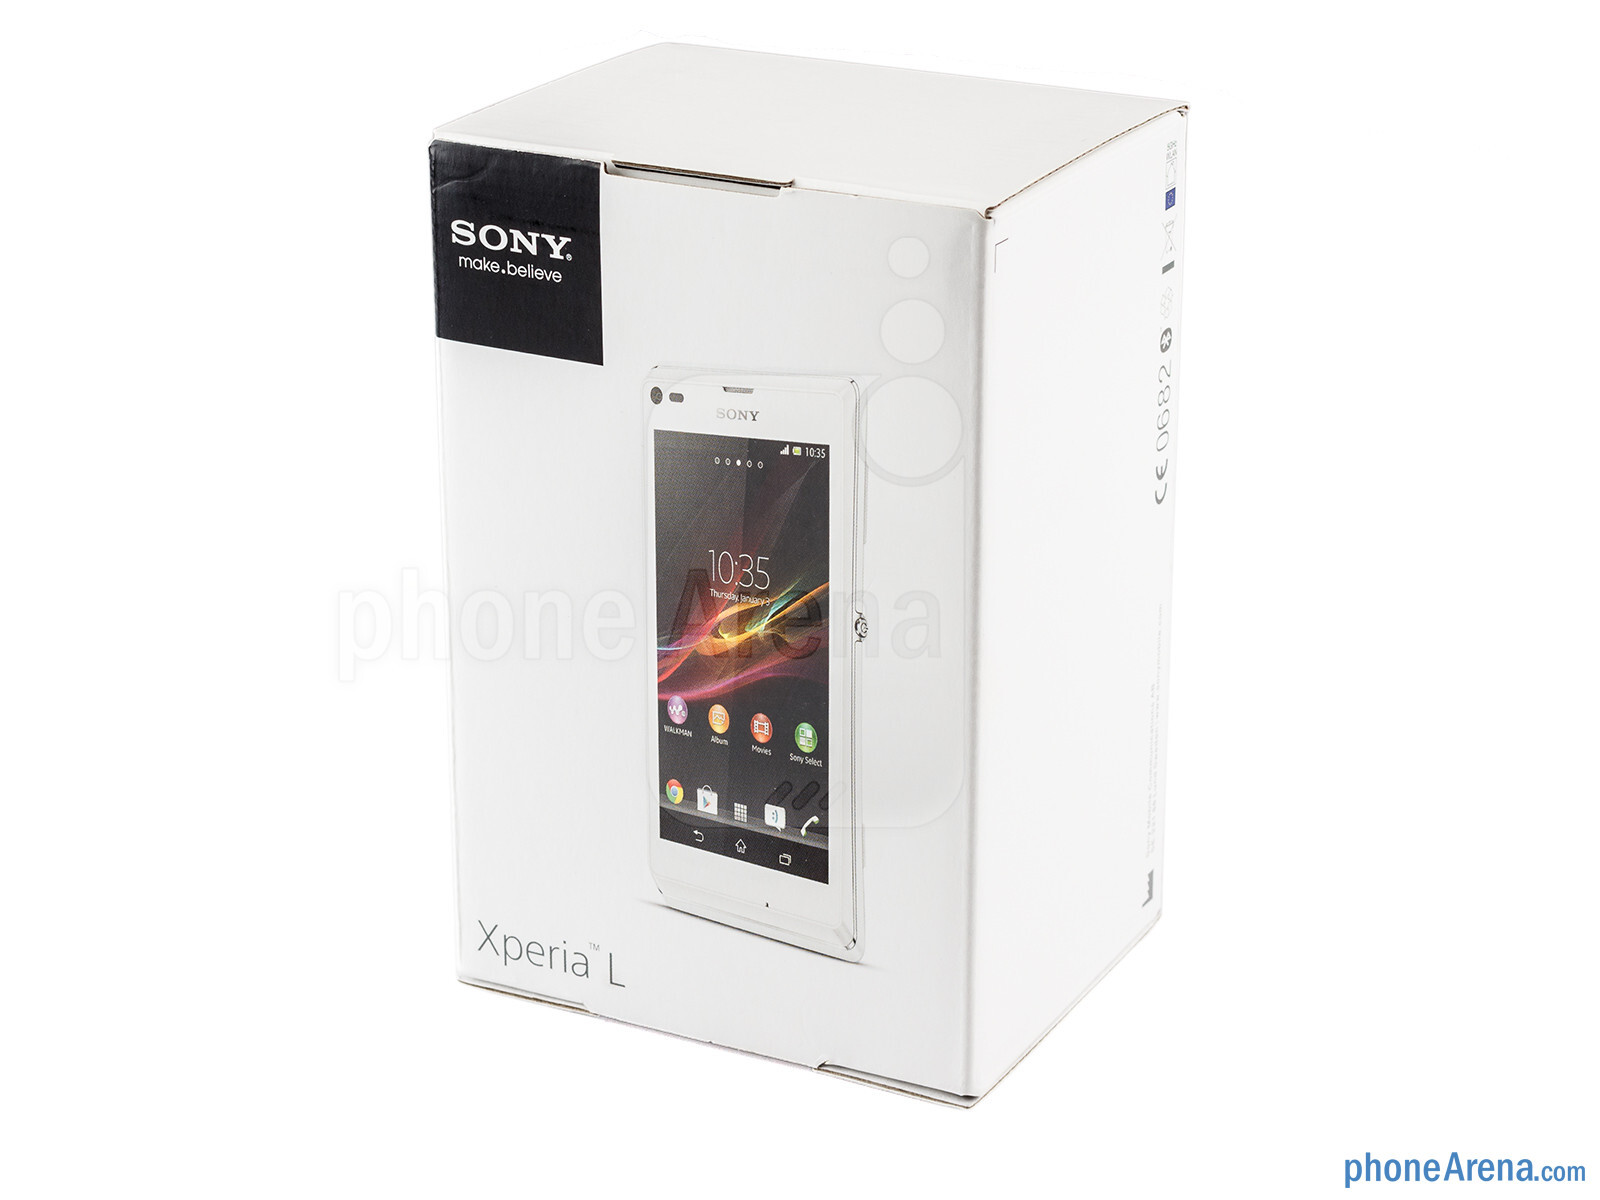 Xperia L White Sony Xperia L Review